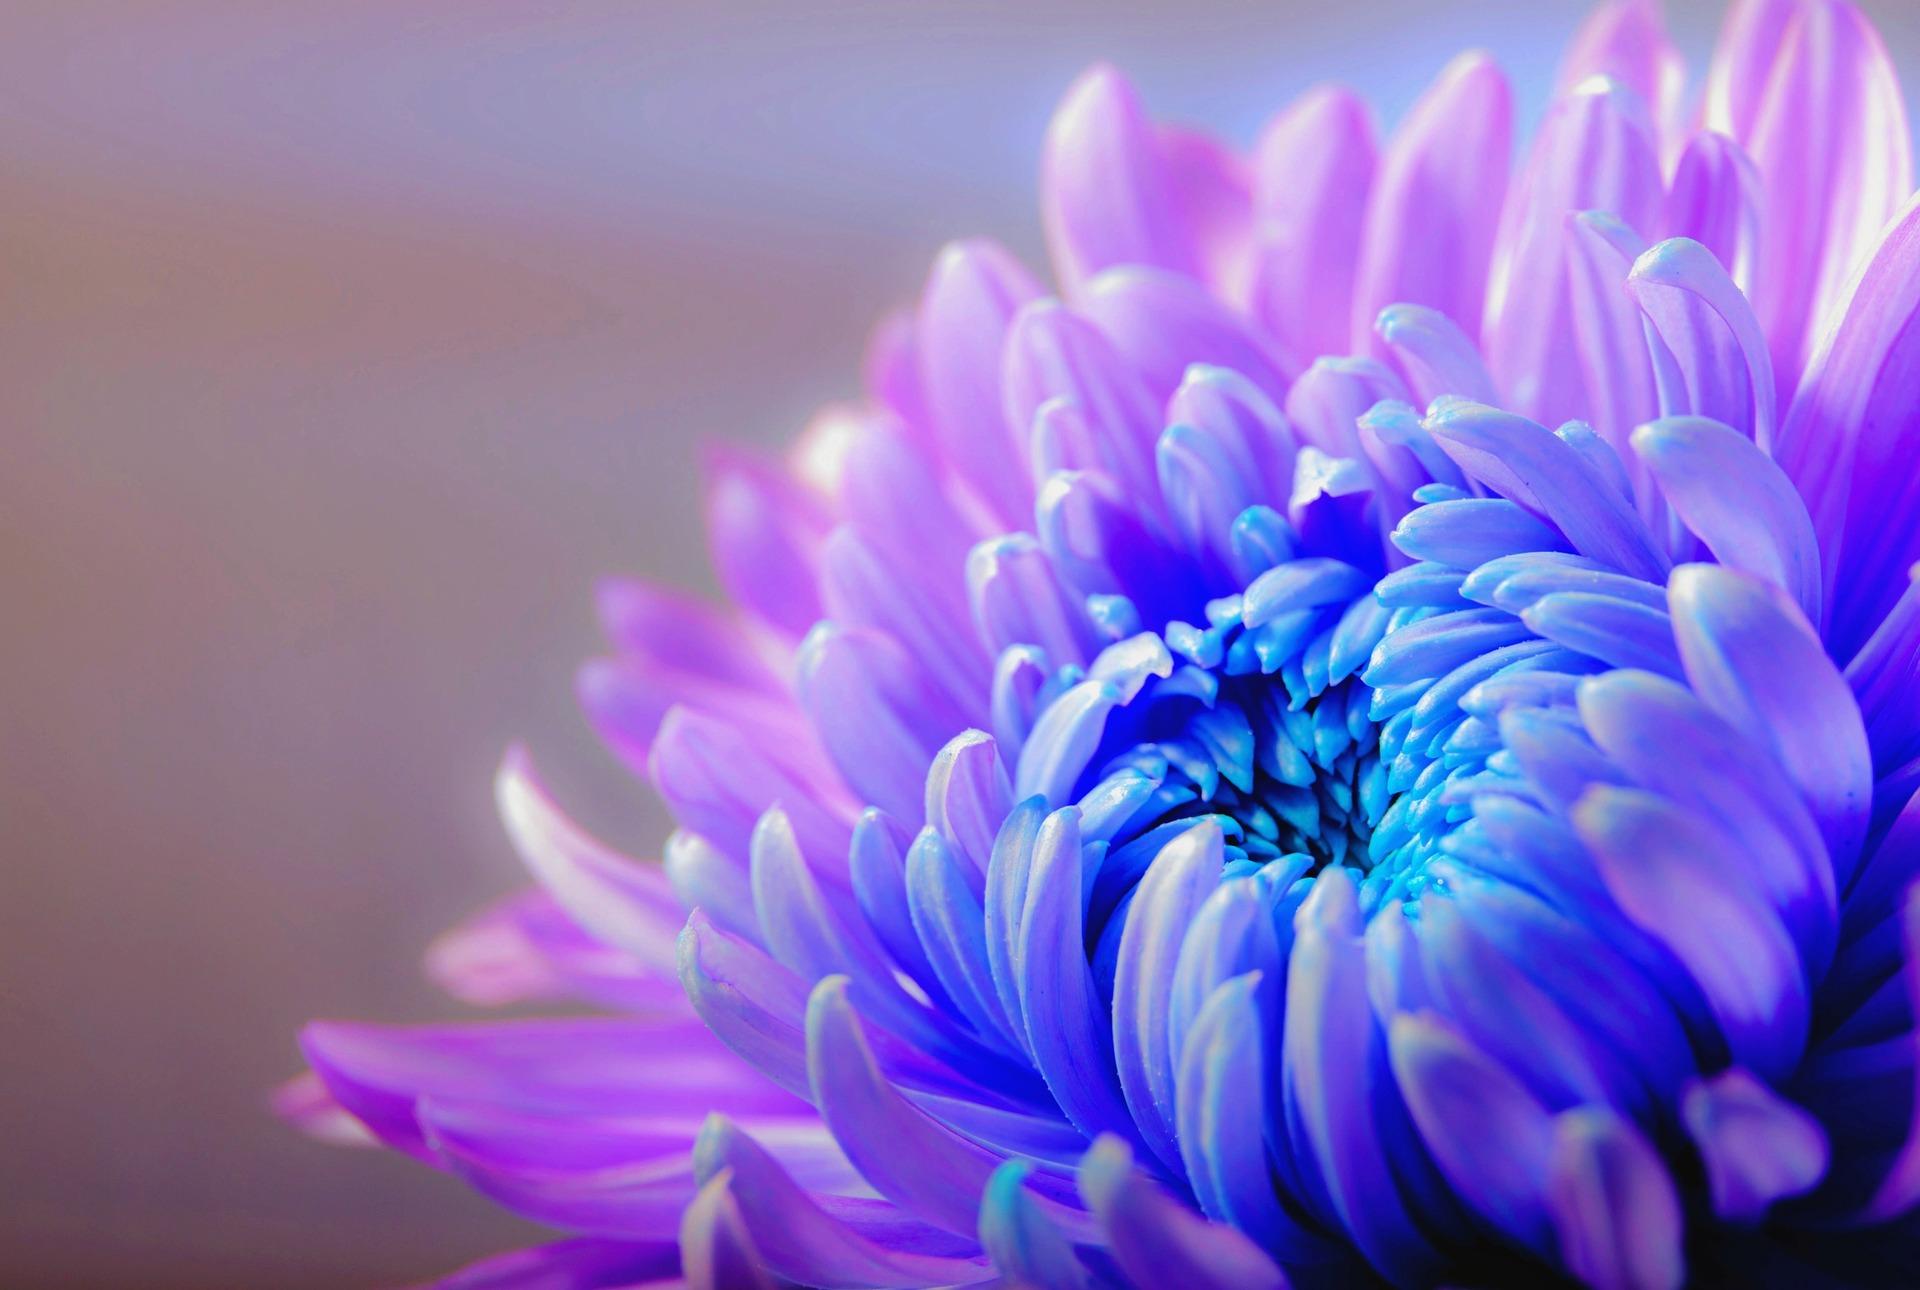 hinh nen marco hoa cuc xanh